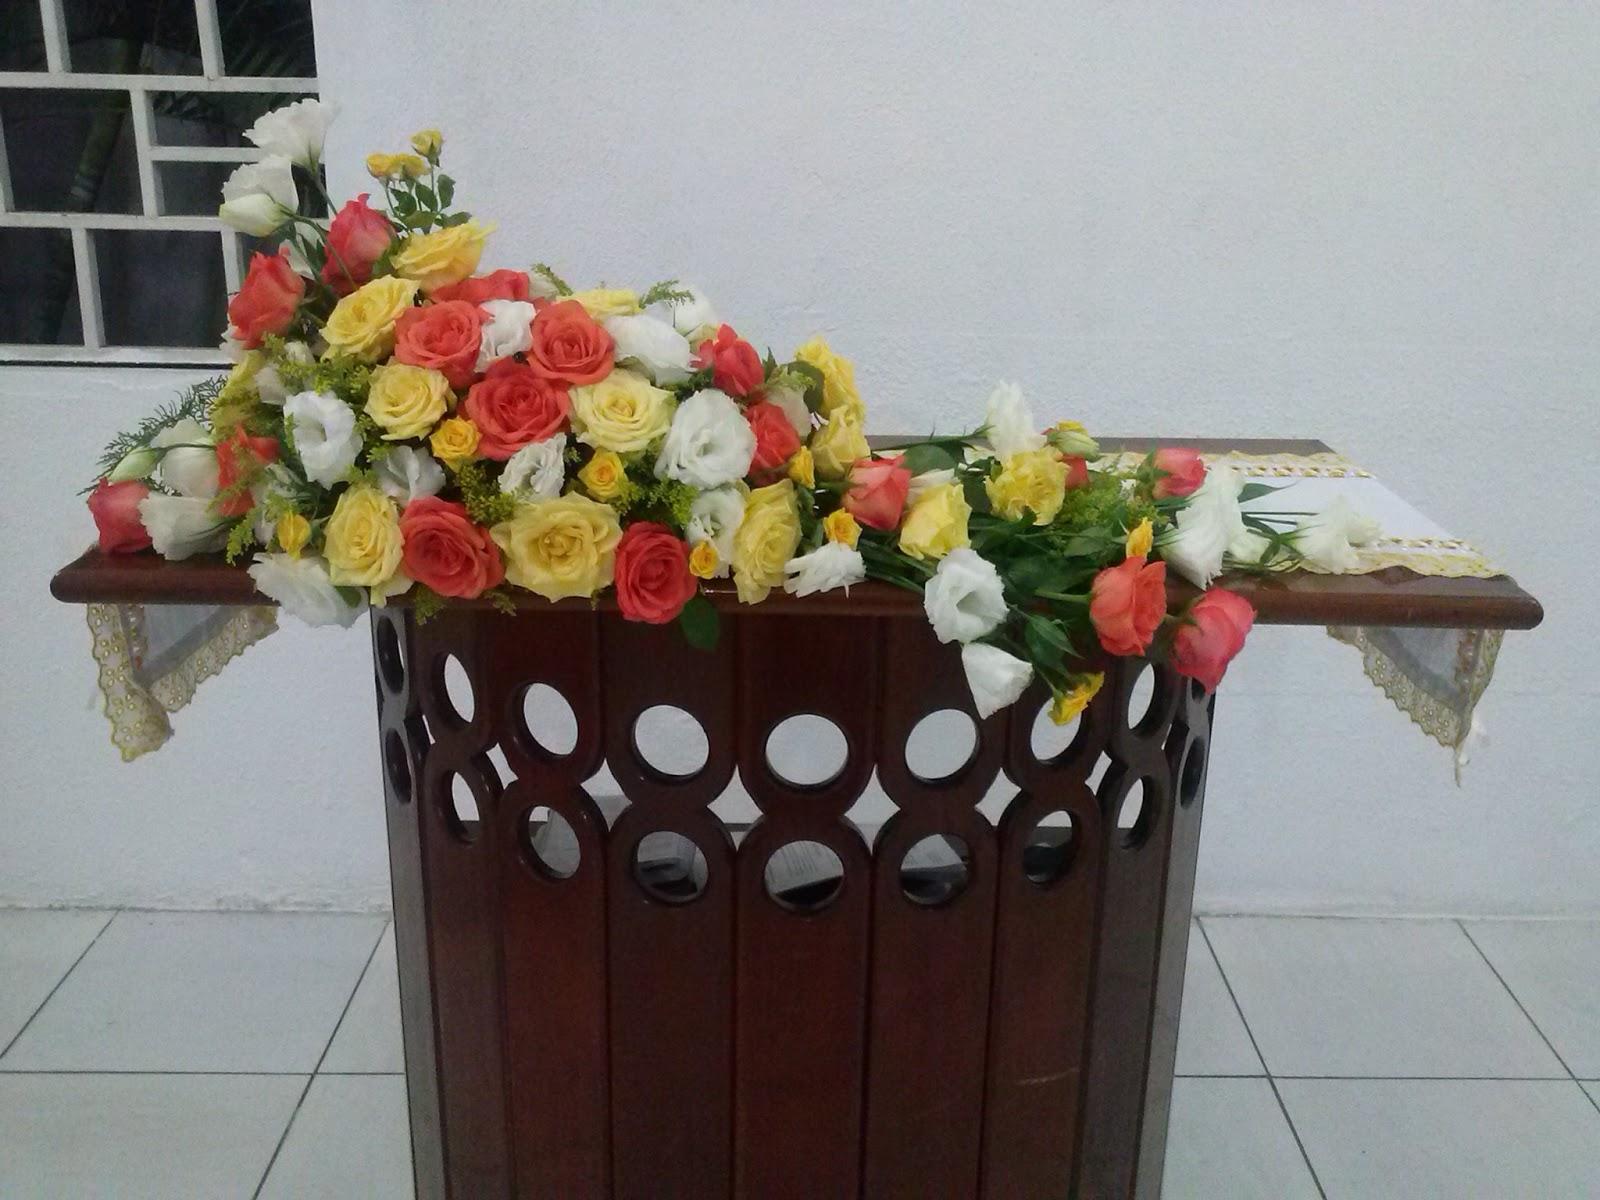 rosas no jardim de deus:FLORZINHA DO JARDIM DE DEUS.: ARRANJOS DE FLORES TIA CLEIDY.